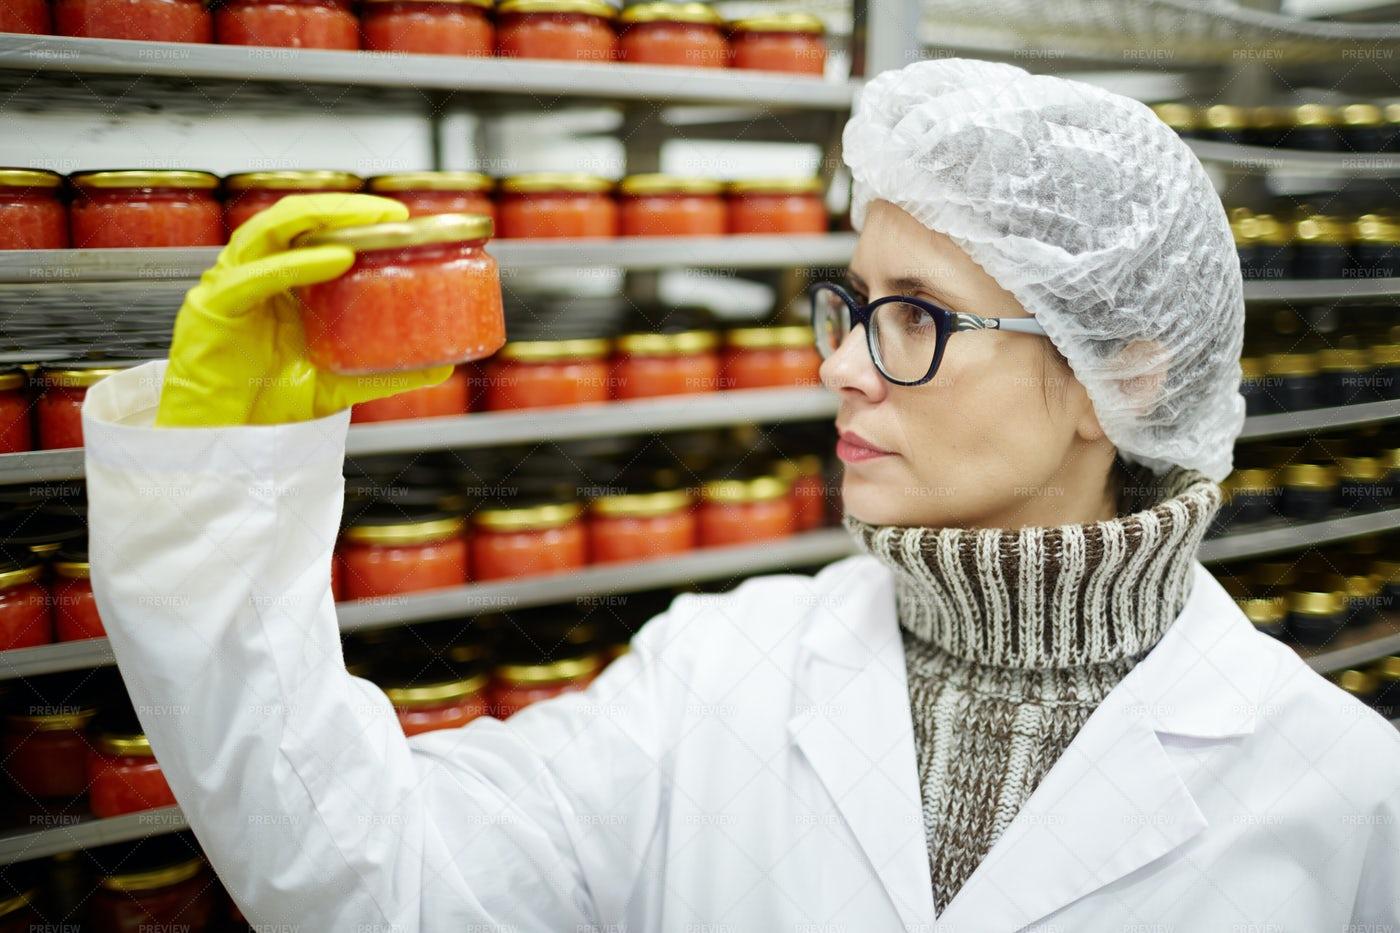 Caviar Expert: Stock Photos